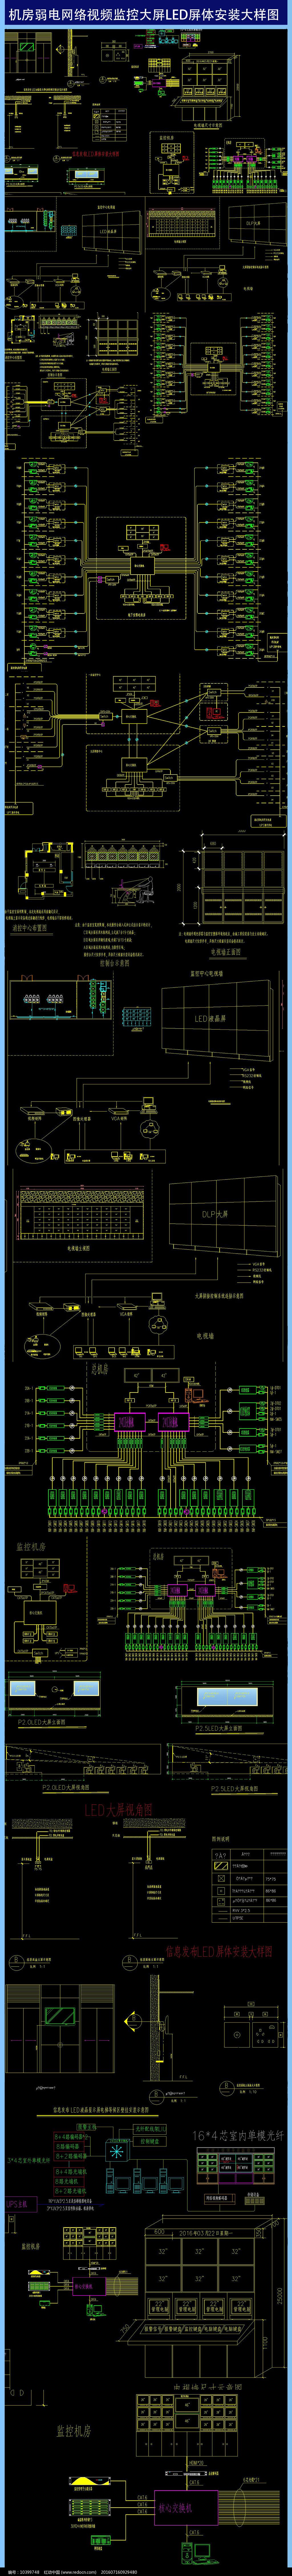 机房弱电网络视频监控大屏LED屏体大样图片